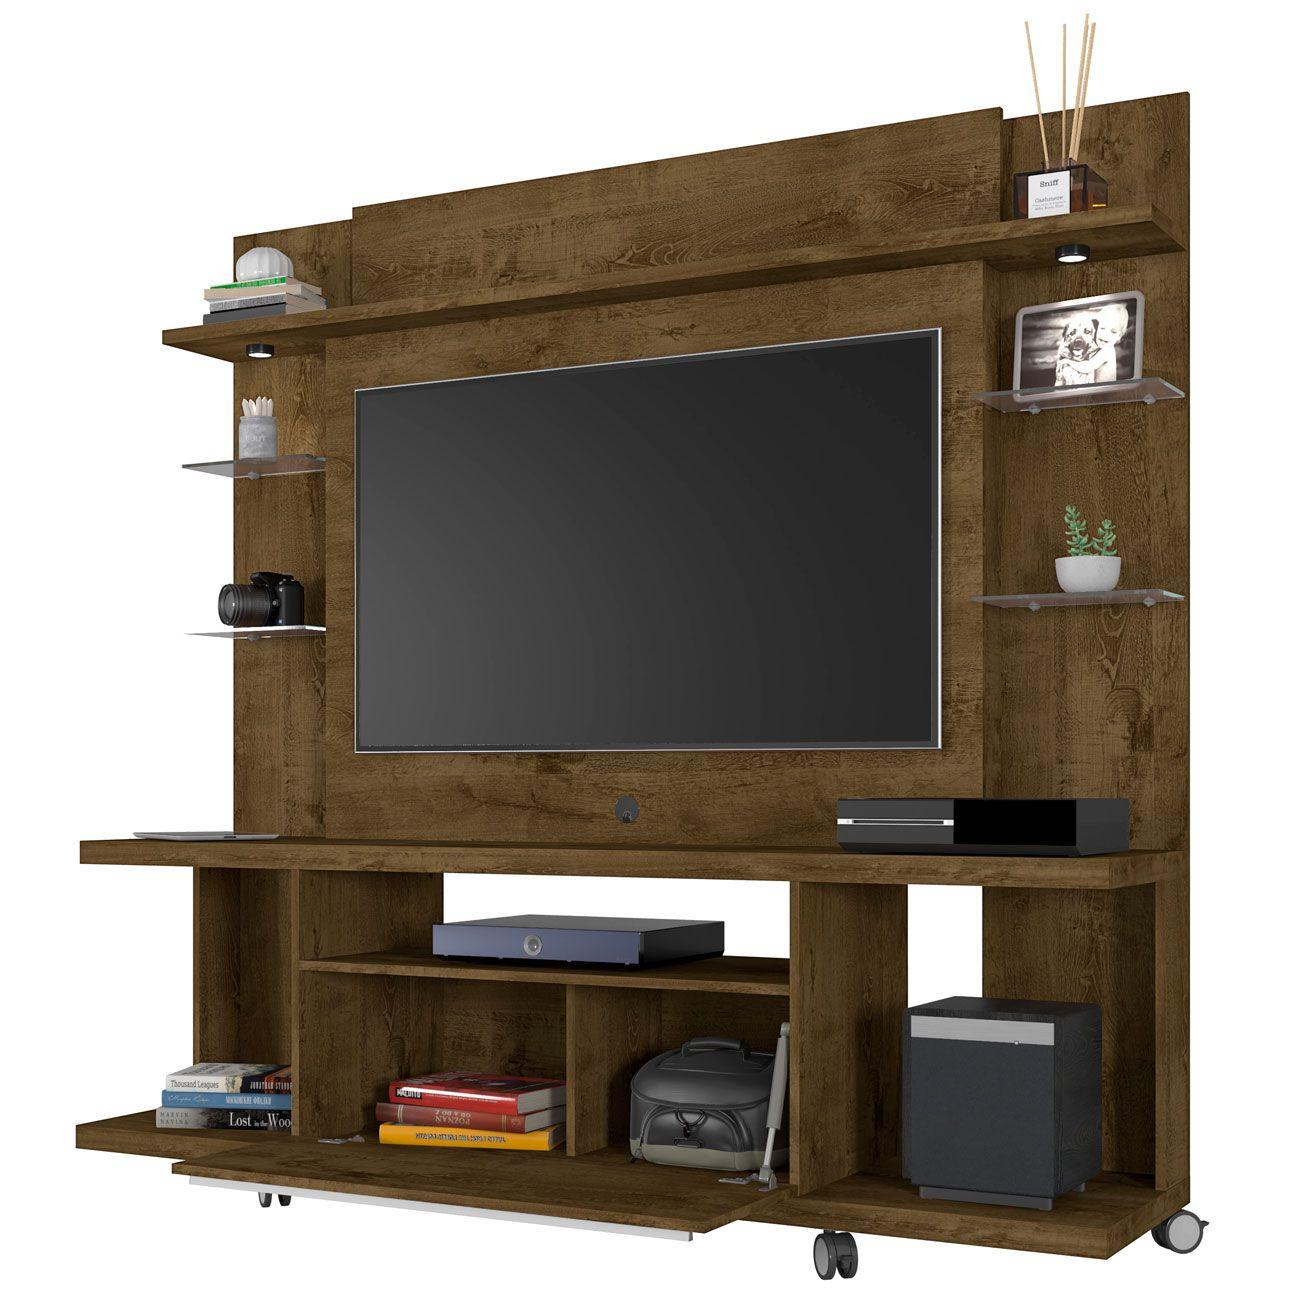 Estante Home para Tv até 50 polegadas New Torino Madeira Rústica - Móveis Bechara